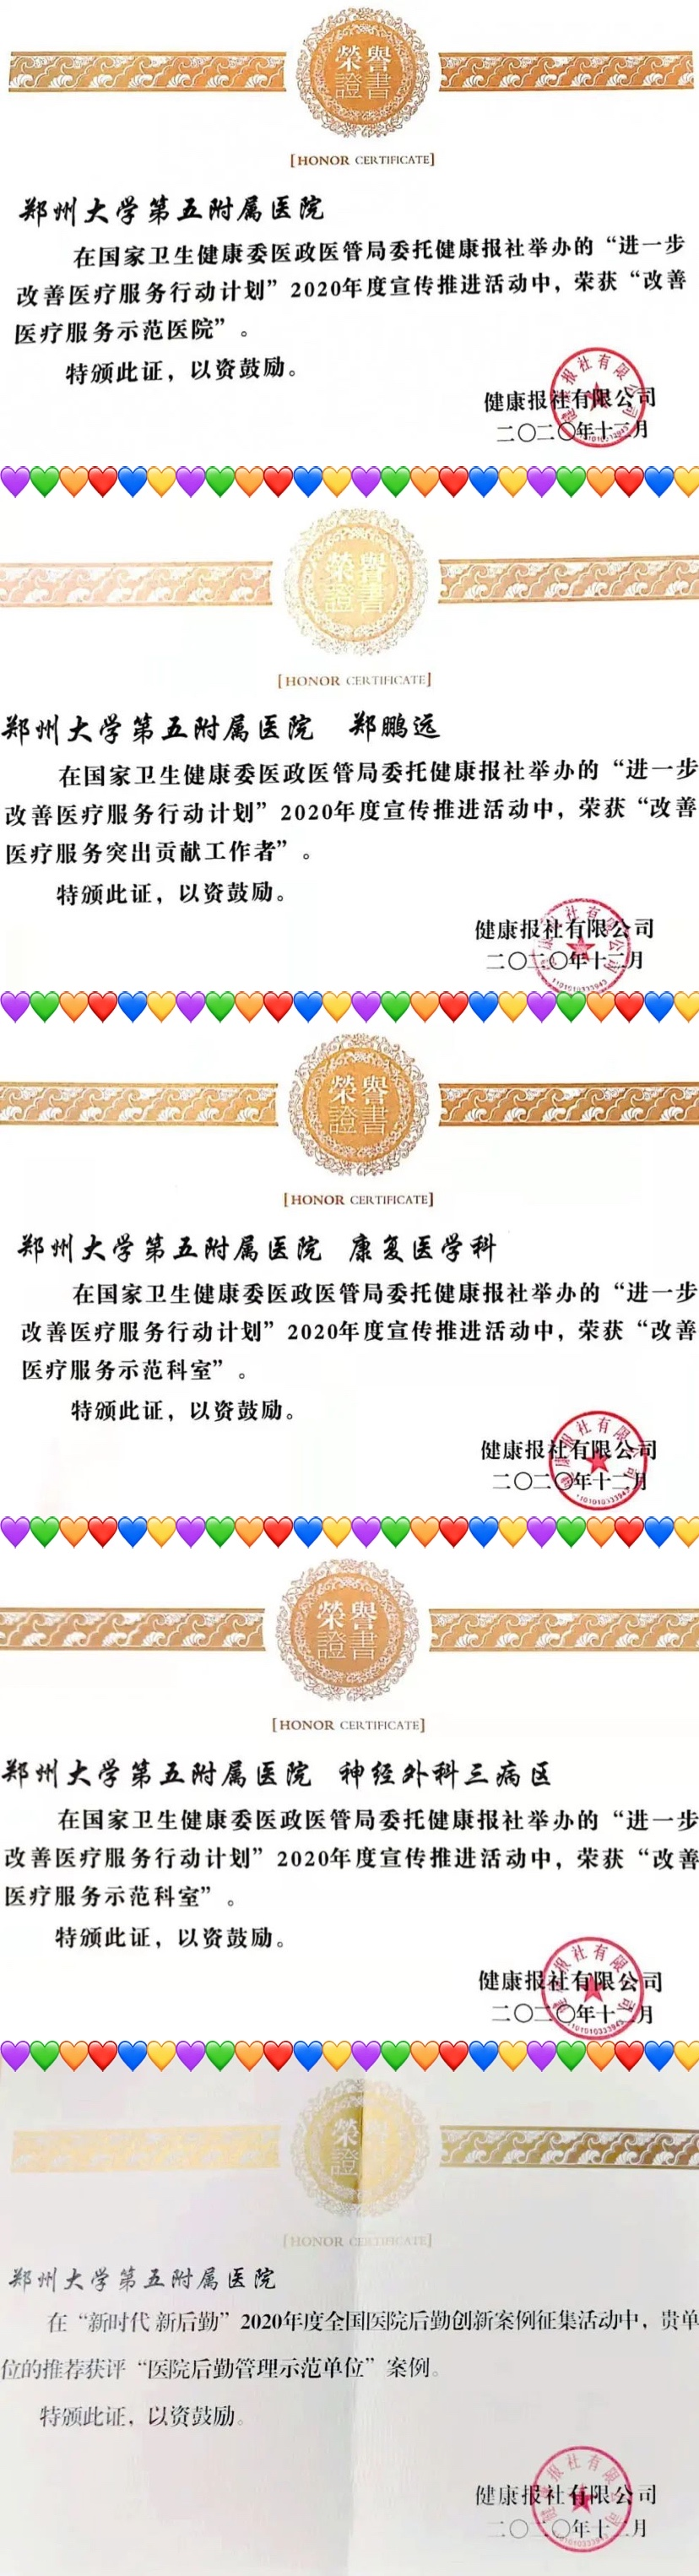 郑州大学第五附属医院荣获「2020 年度改善医疗服务示范医院」等多项荣誉